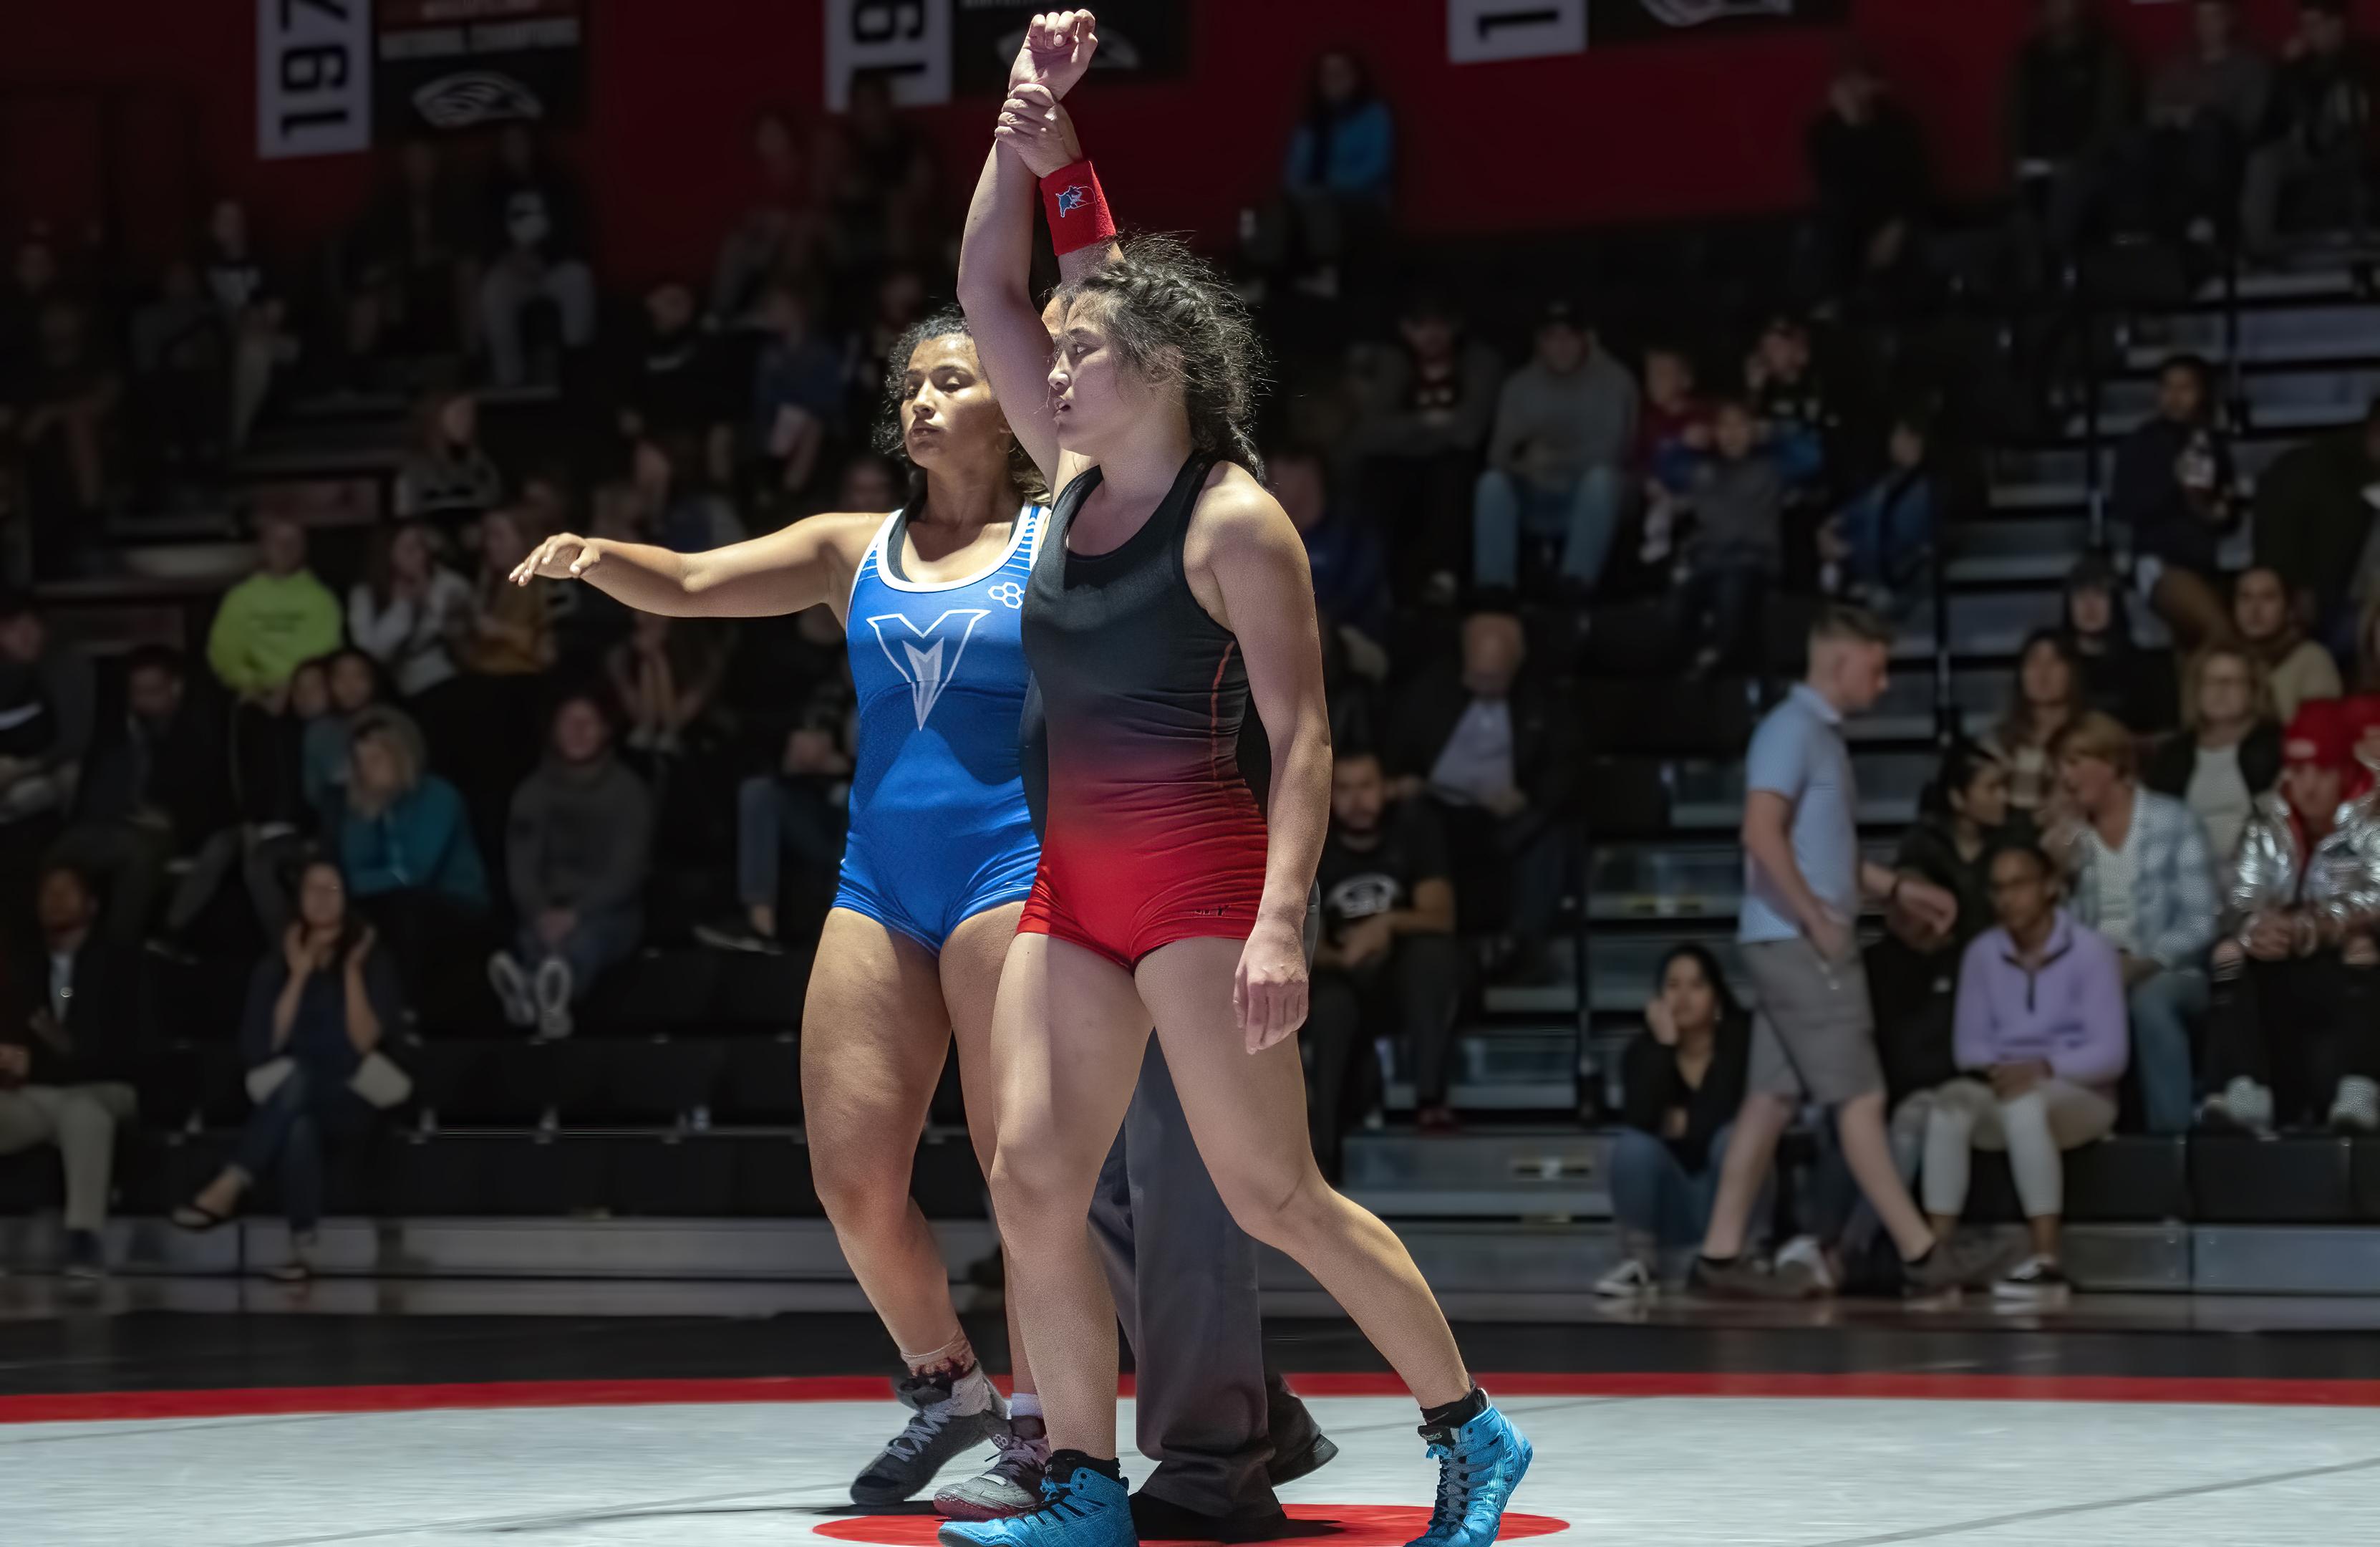 sou womens wrestling sienna ramirez topaz denoise ai-denoise